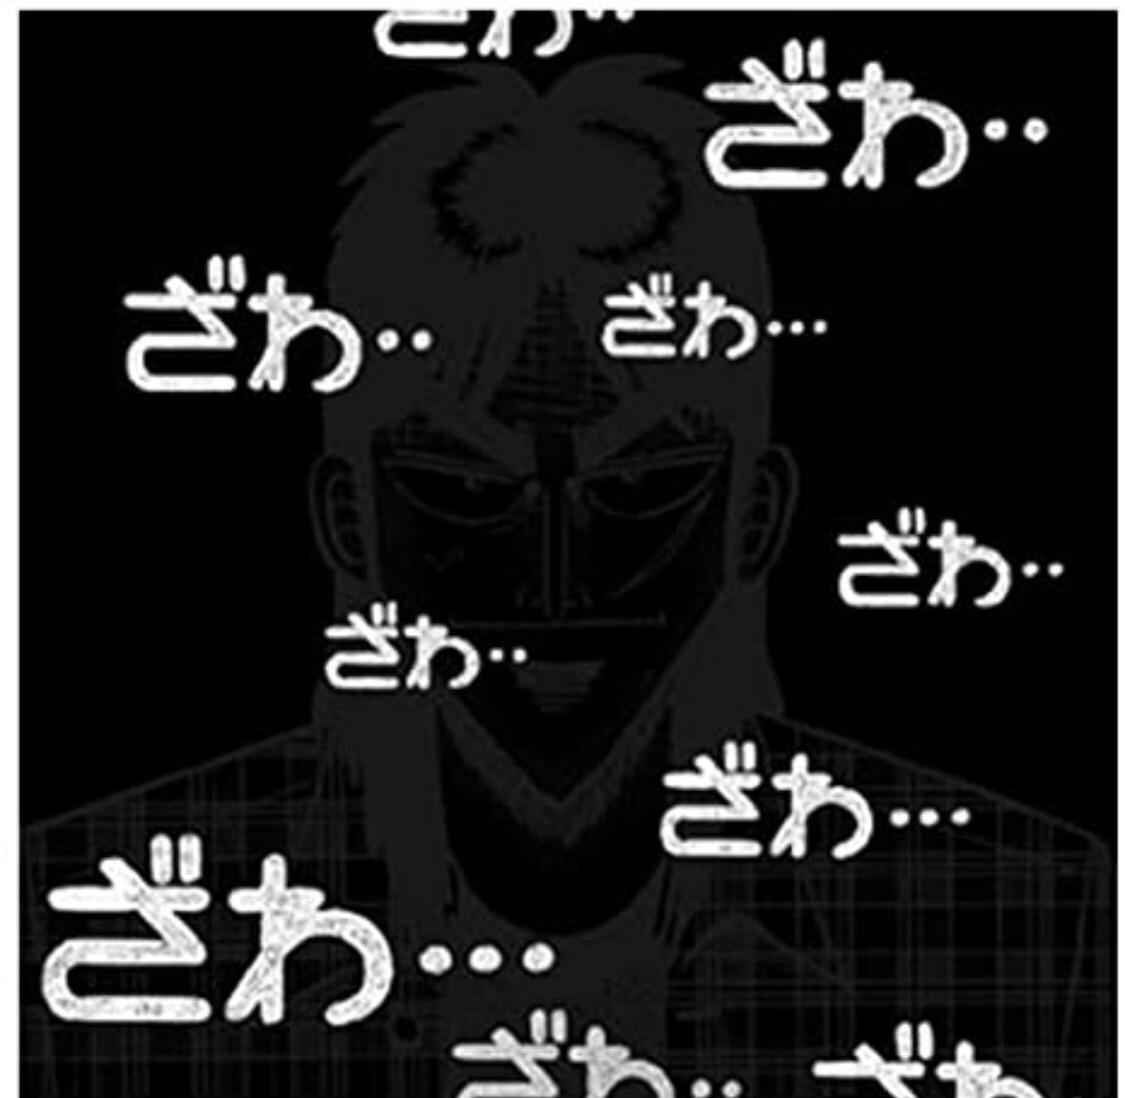 f:id:kasumikemuri06655:20210318073730j:image